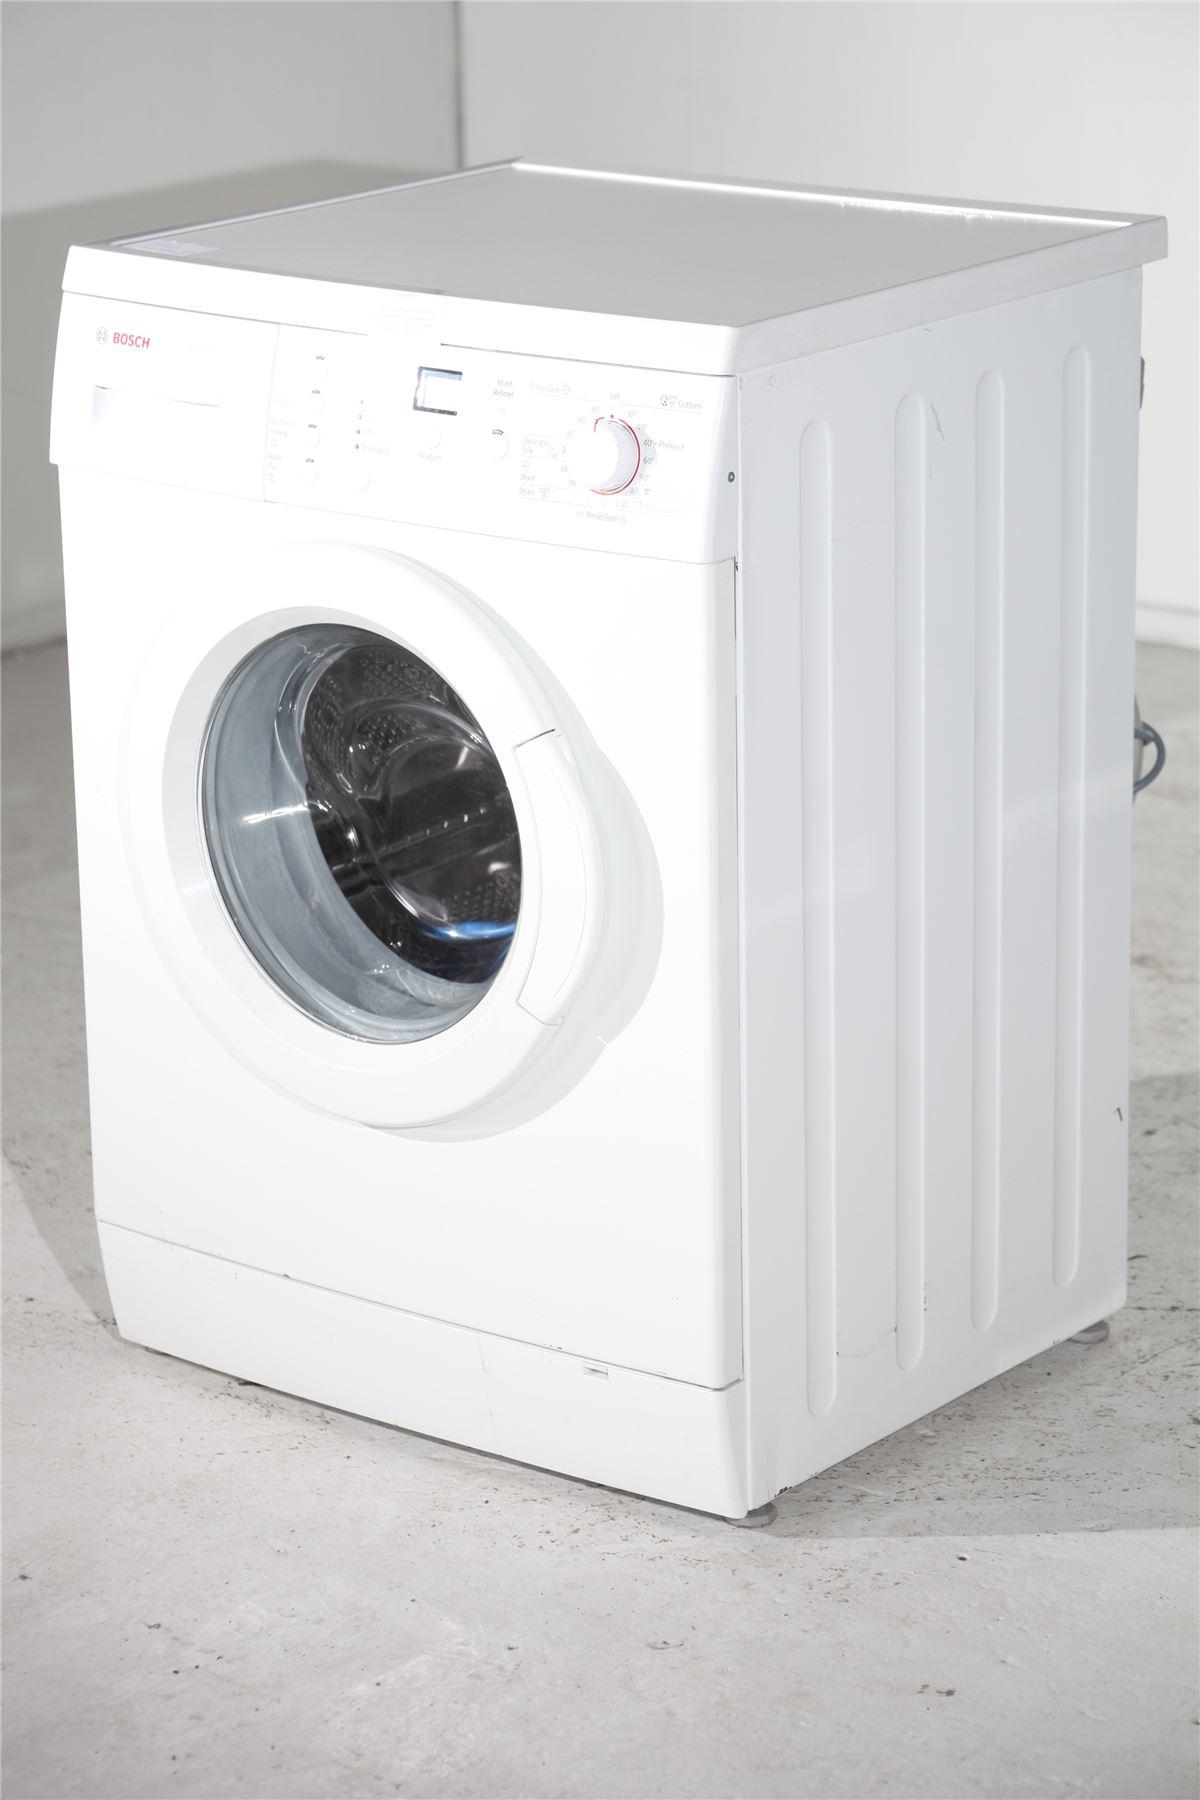 Preloved | bosch 7kg washing machine - wae24465gb - white ...